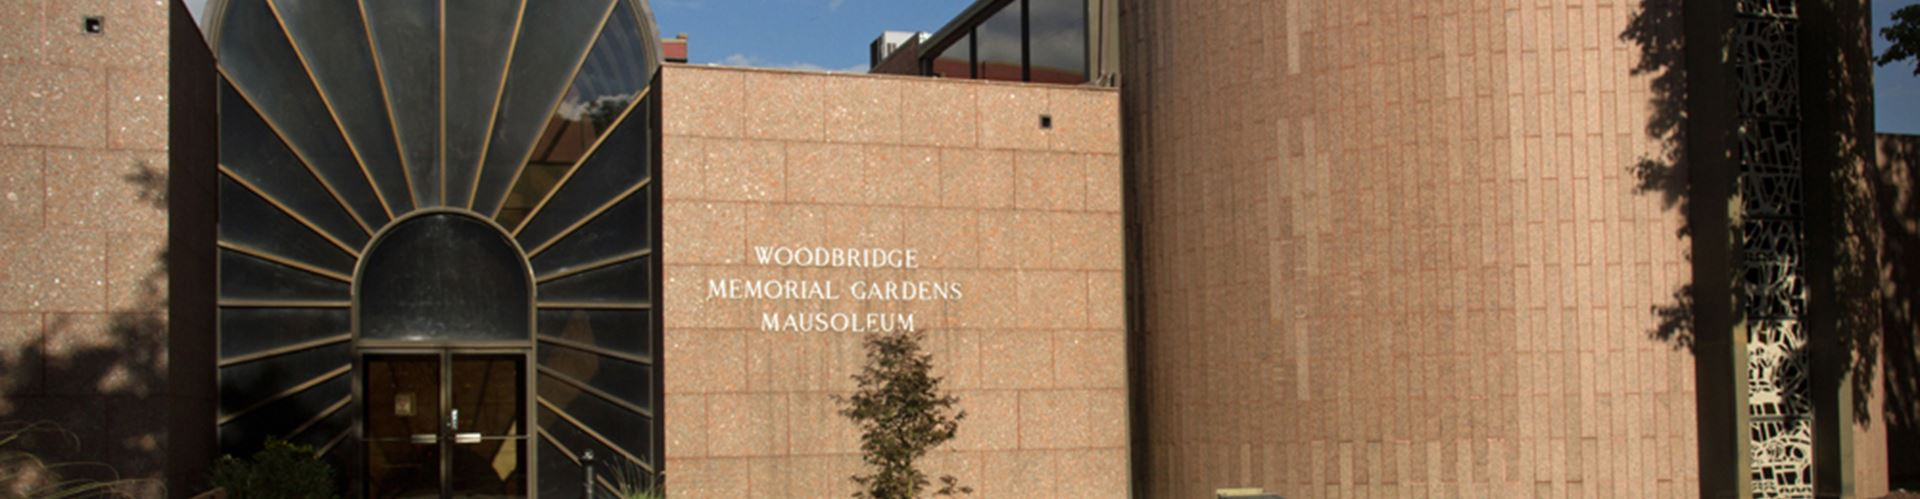 Woodbridge Memorial Gardens